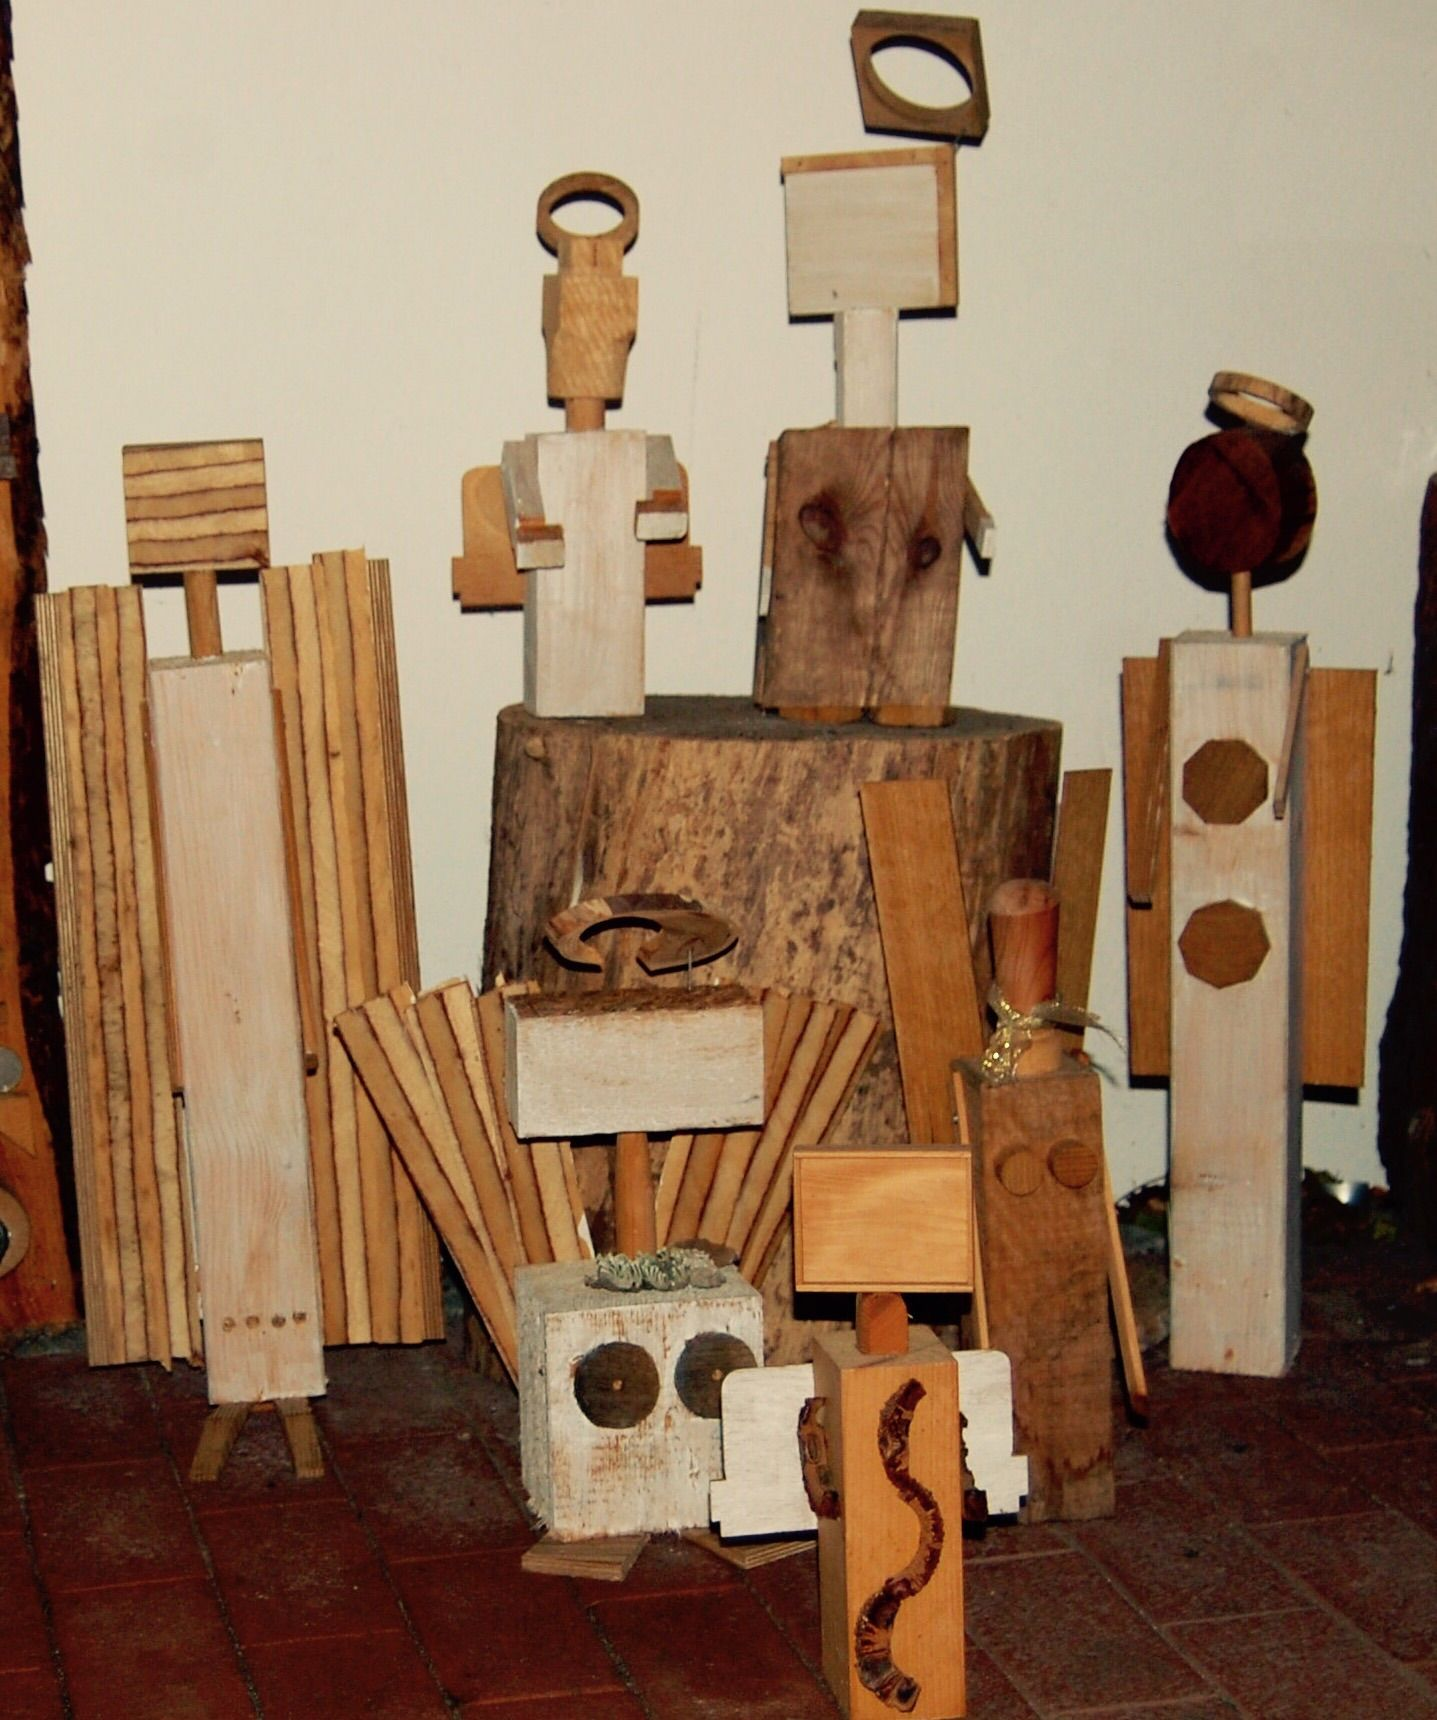 Holzengel als Schutzengel oder Türwächter